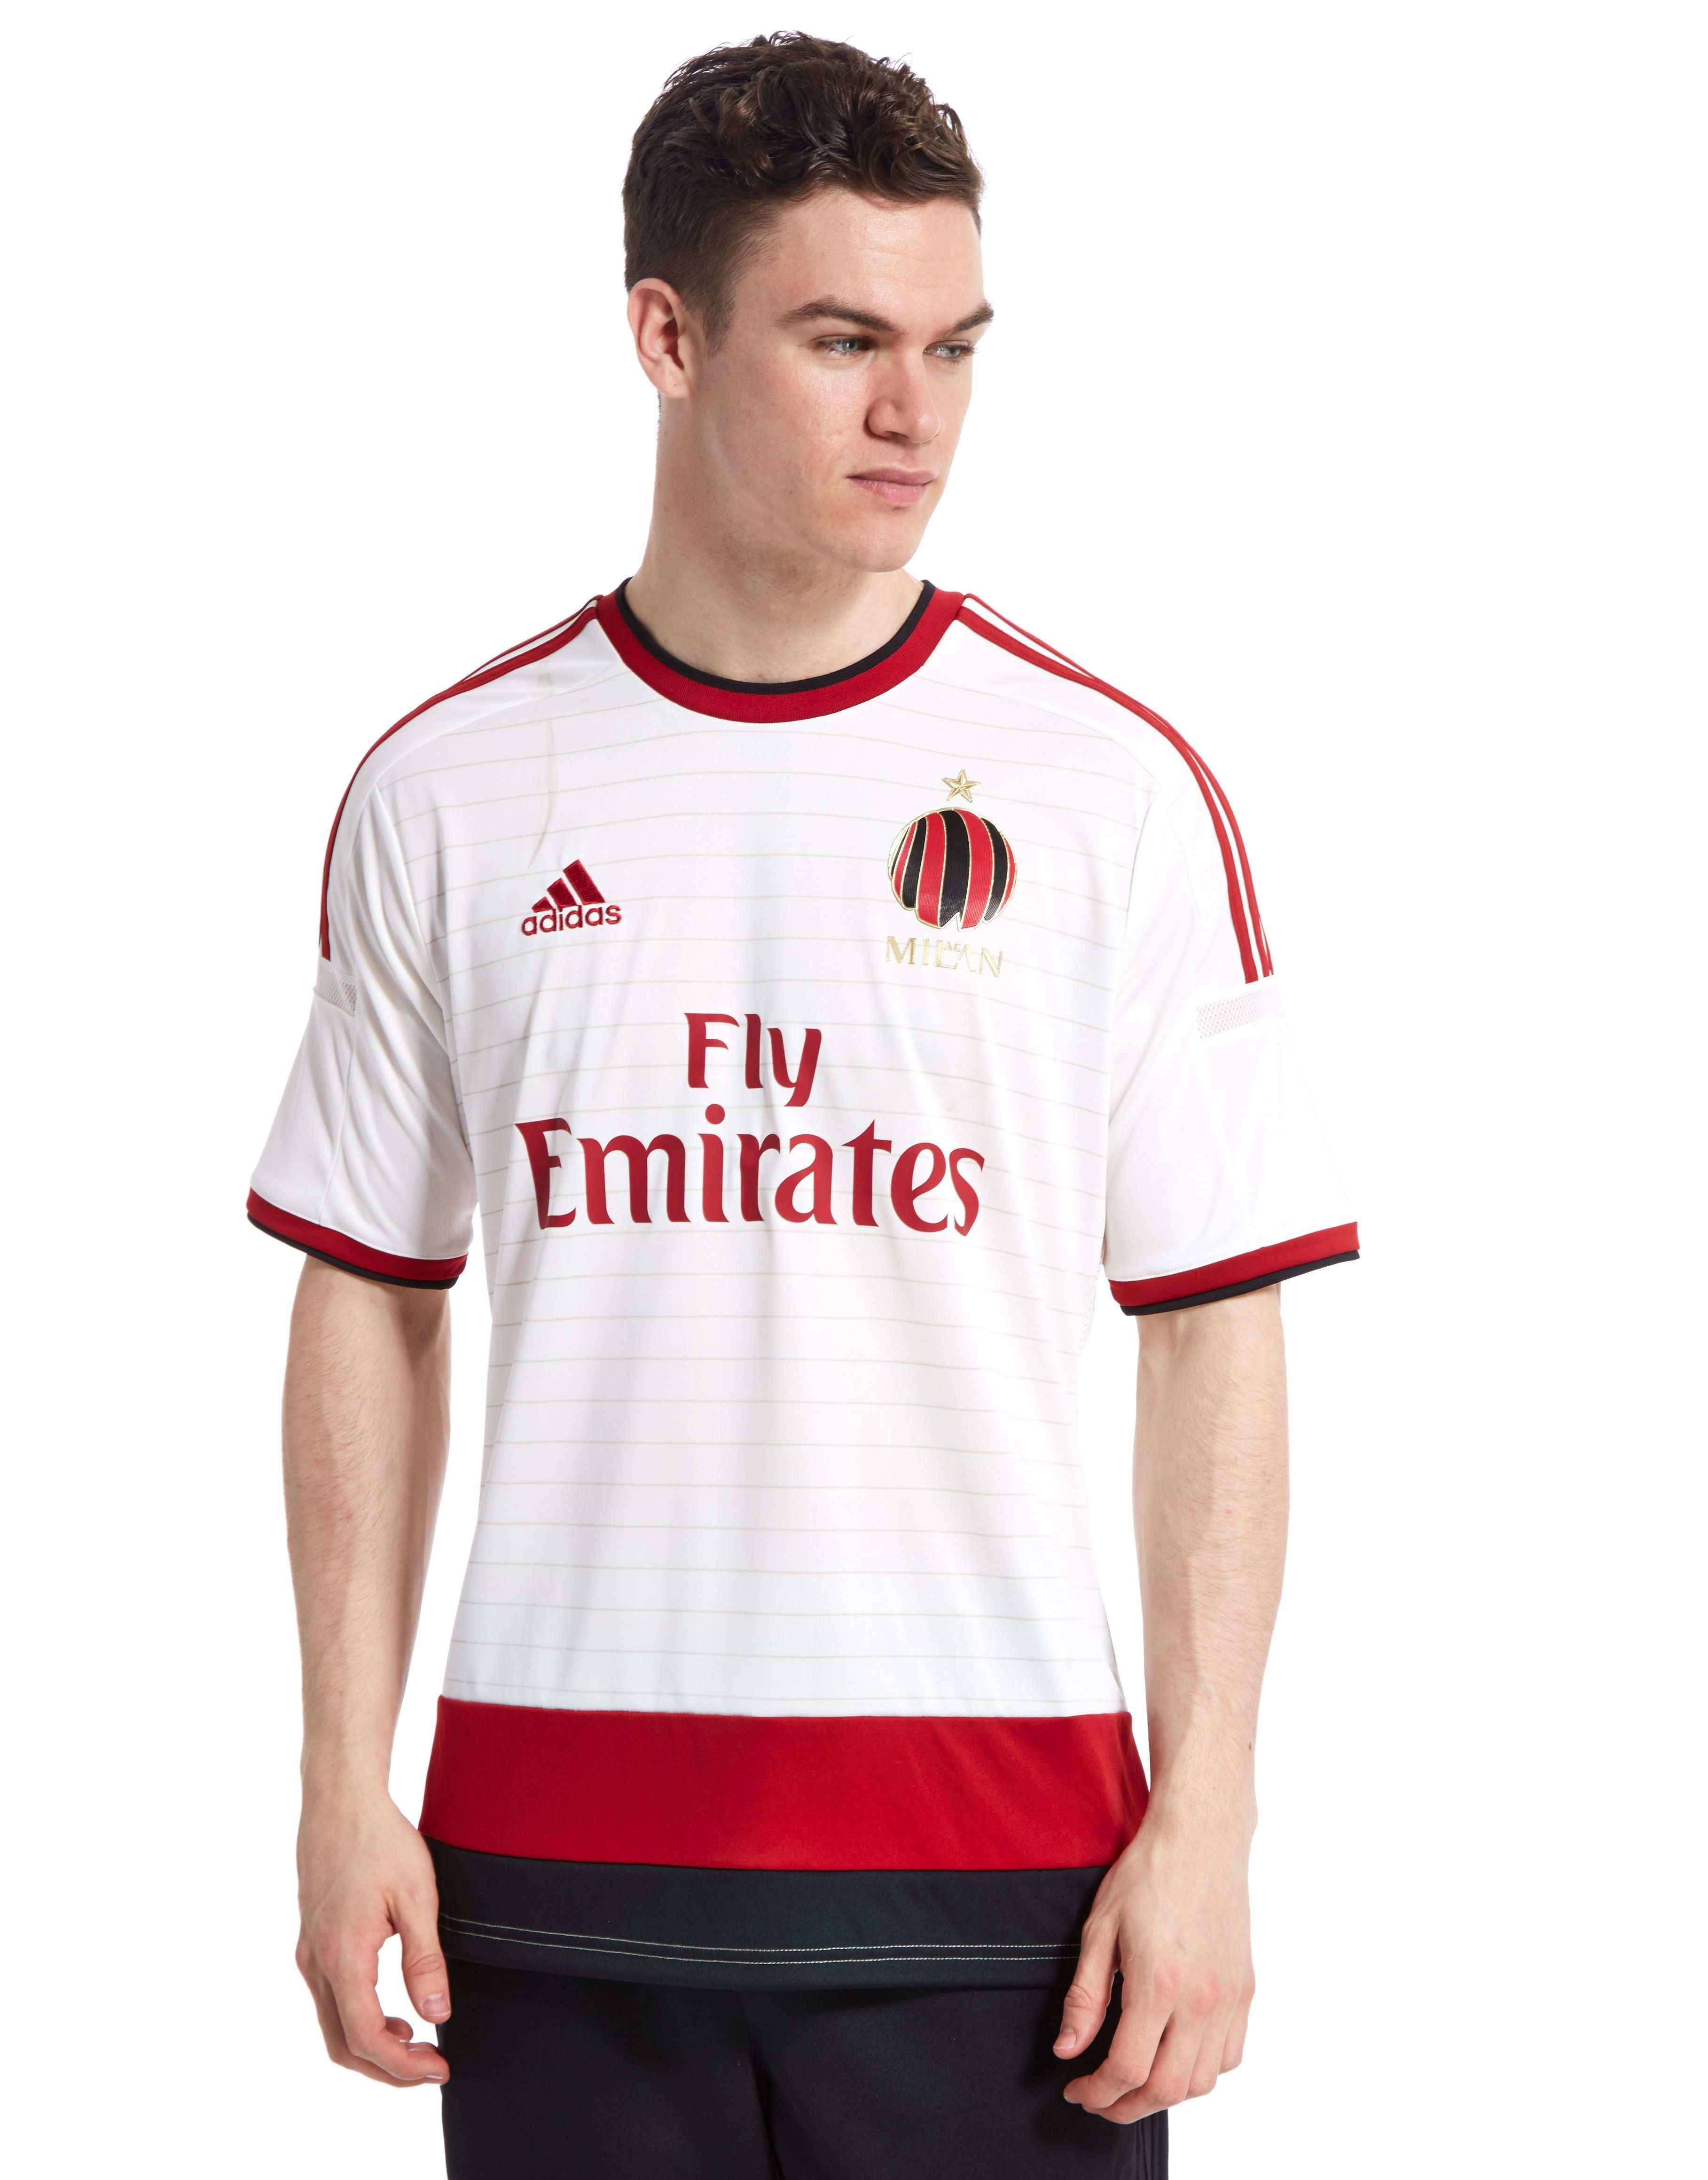 adidas AC Milan 2014 Away Shirt